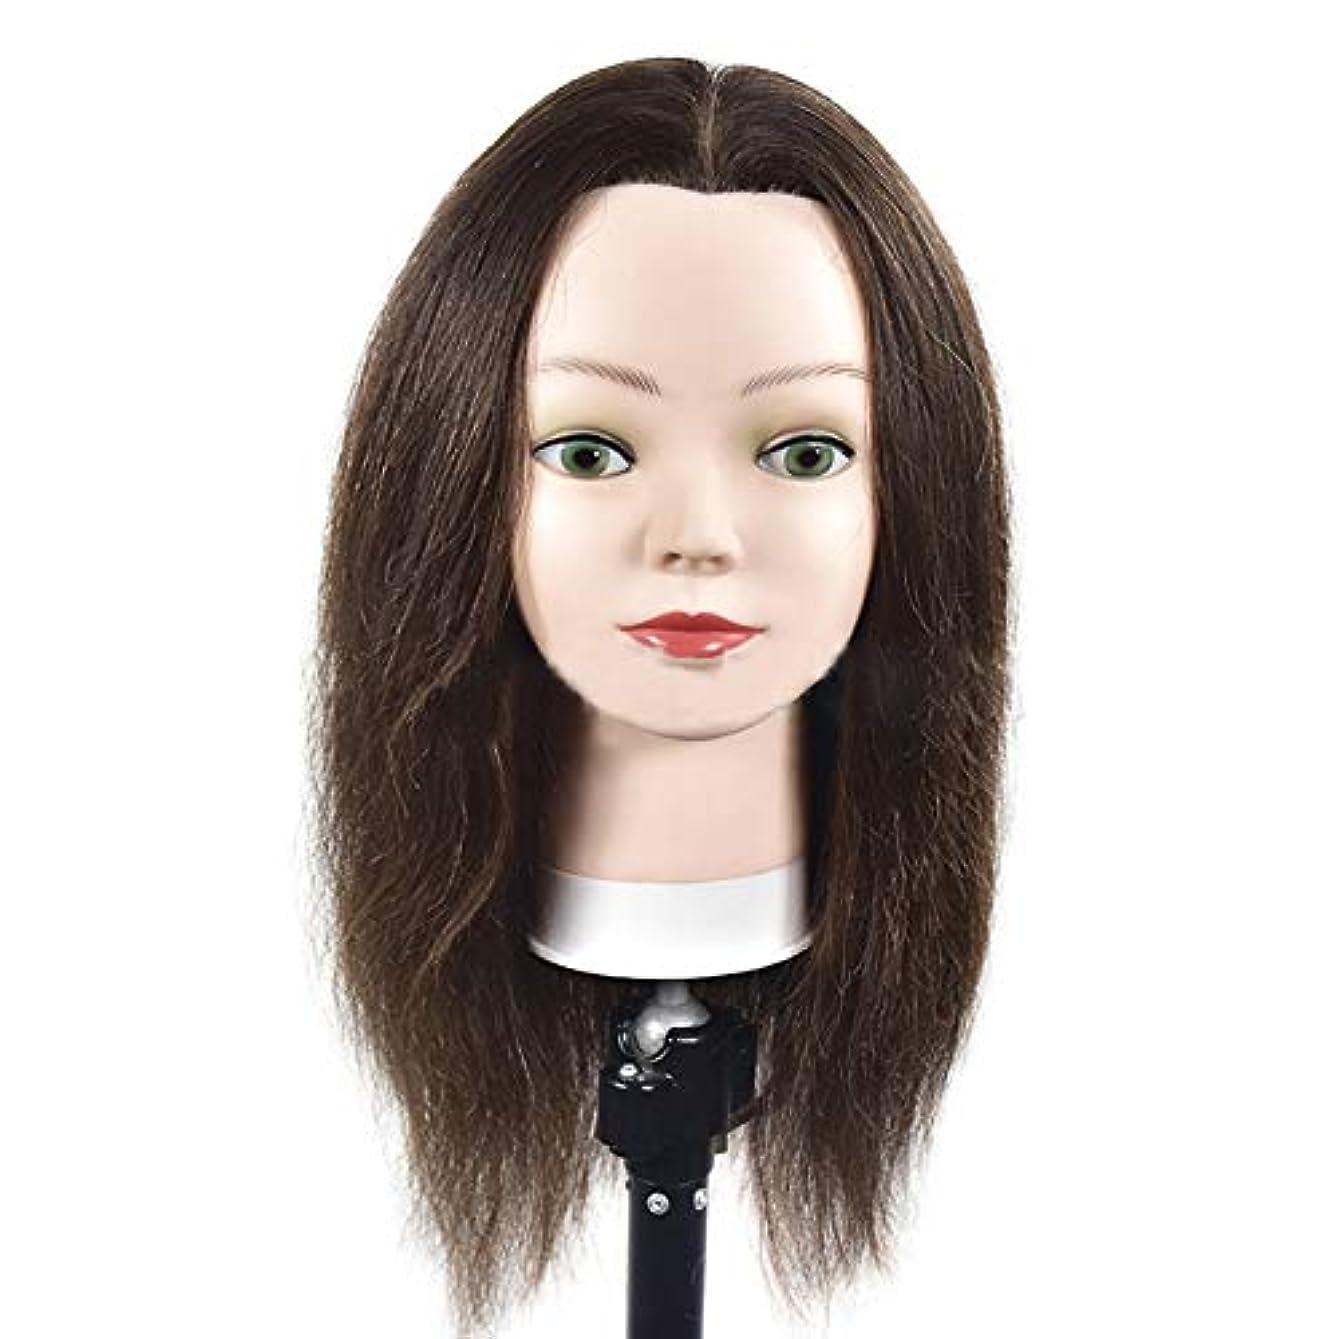 計算可能業界トロピカルサロン髪編組理髪指導ヘッドスタイリング散髪ダミーヘッド化粧学習マネキンヘッド